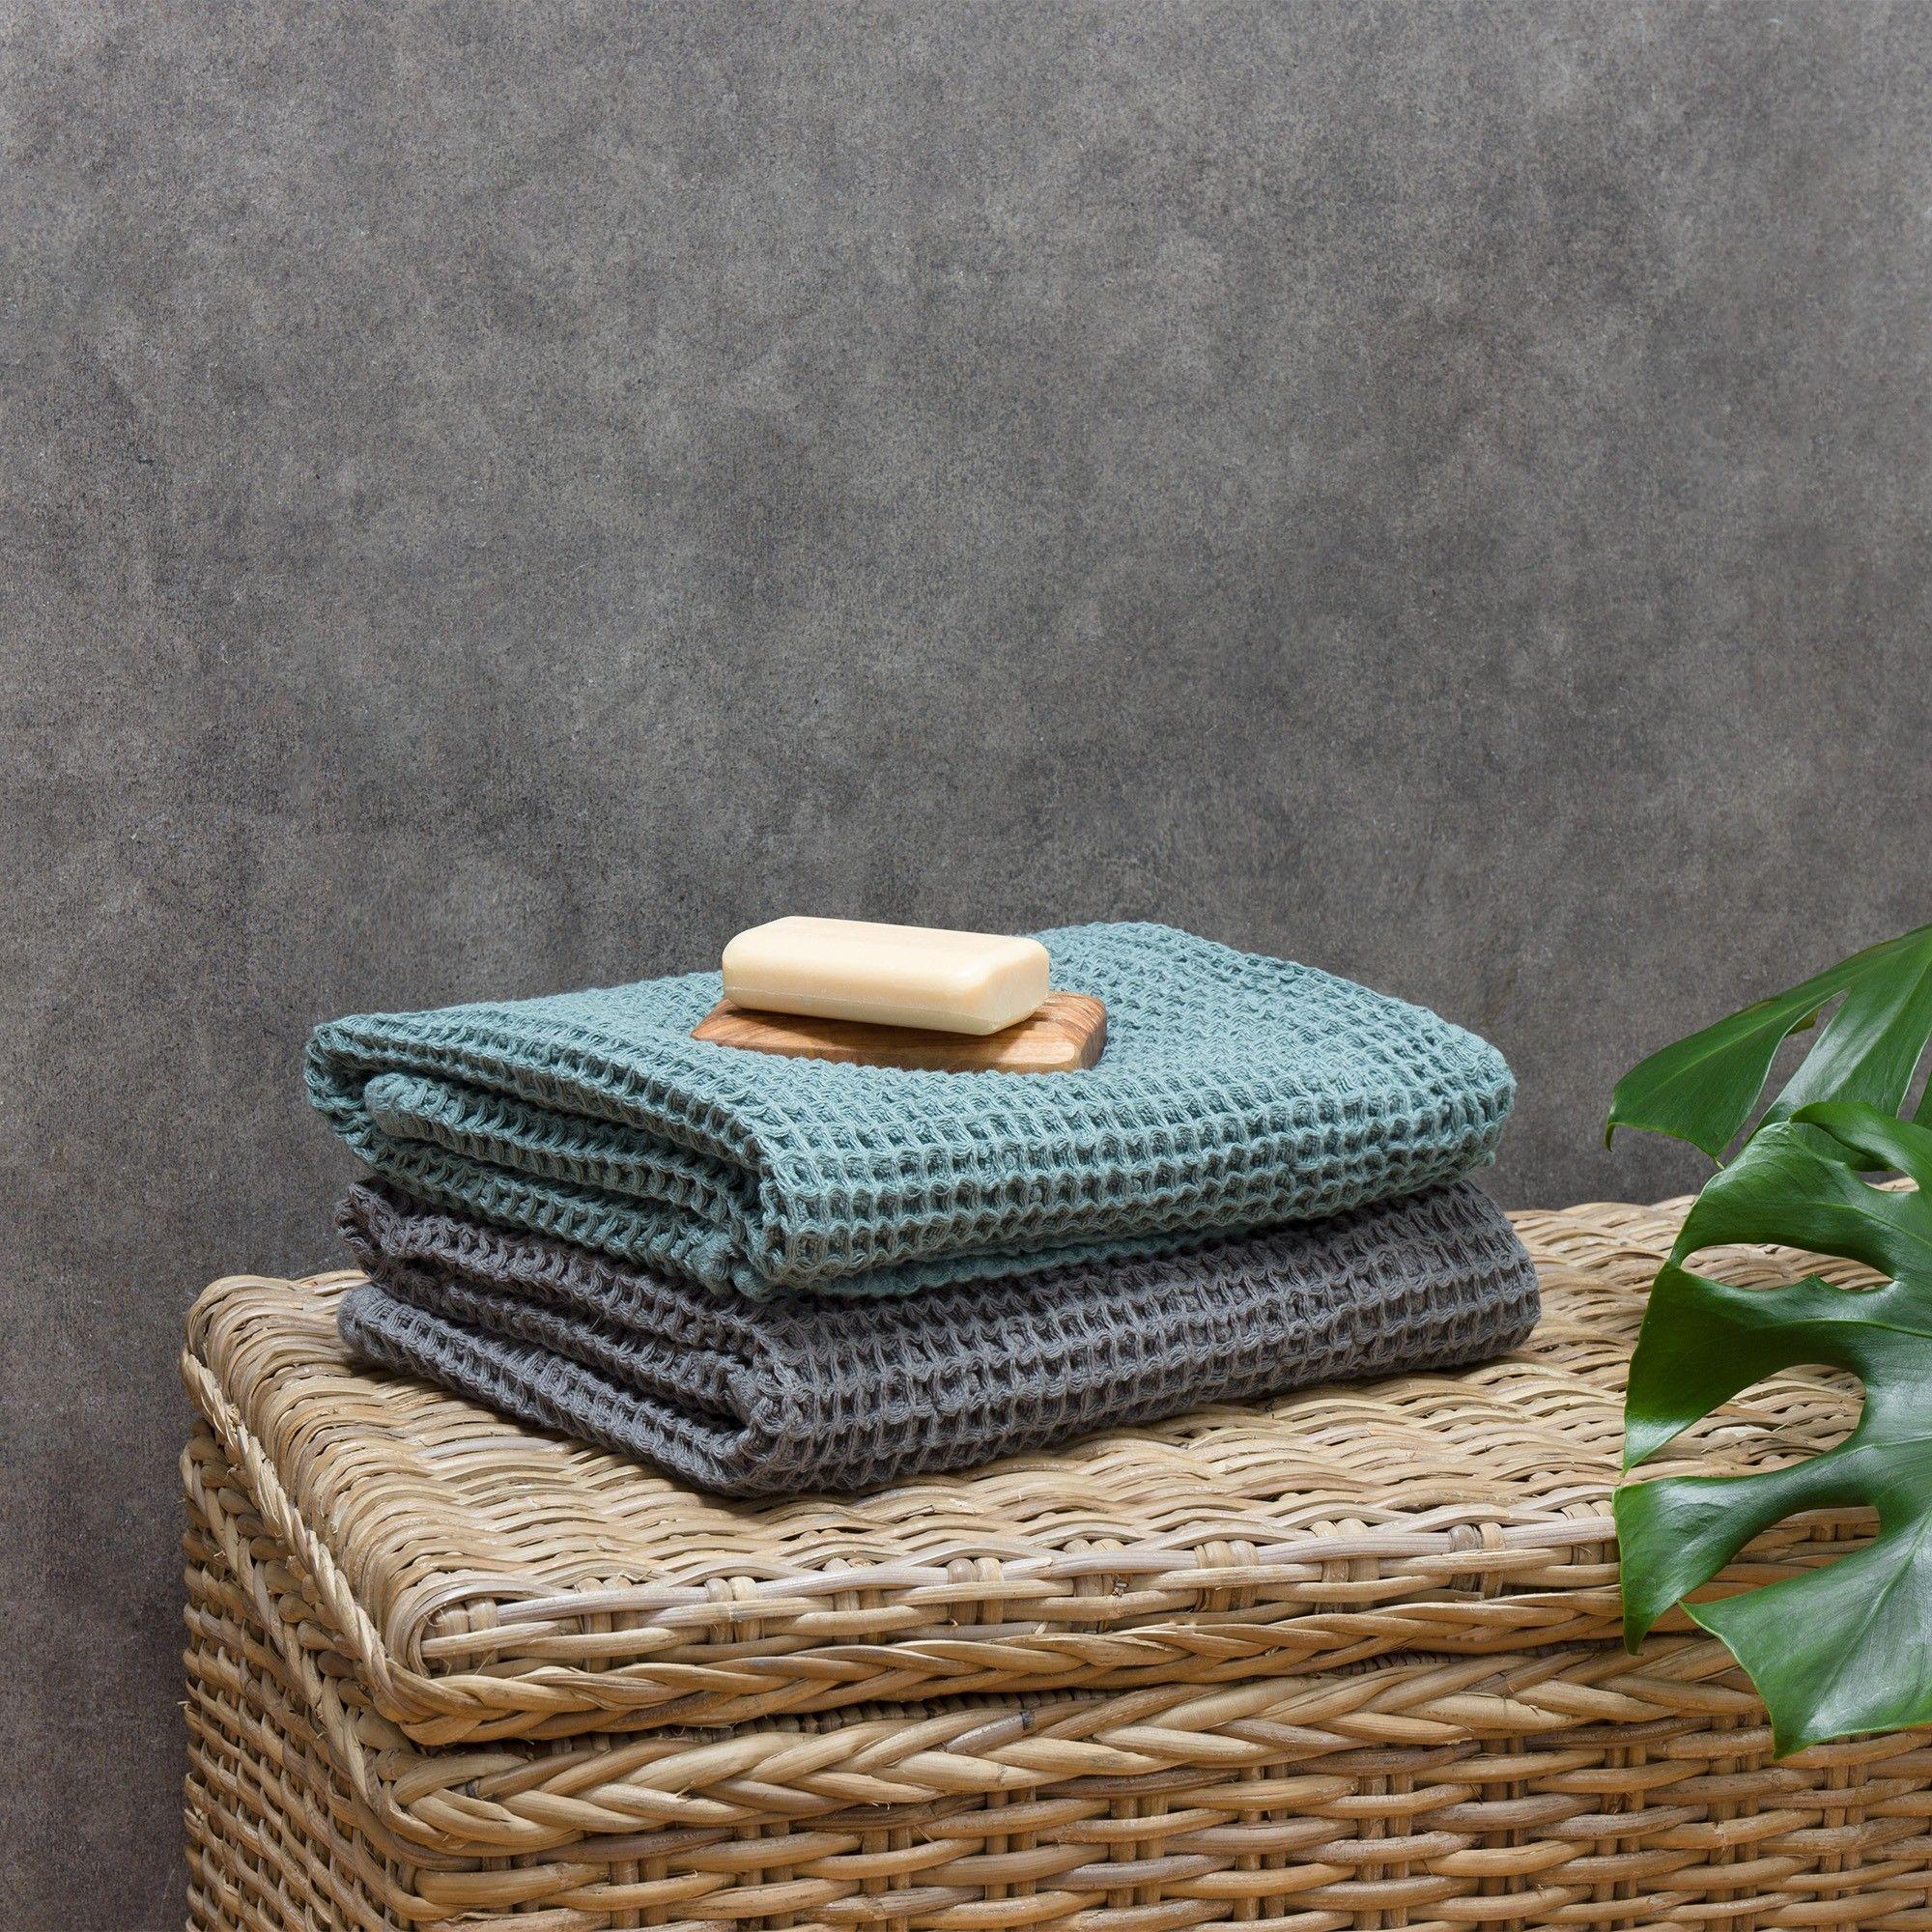 Unser Handtuch Mikawa wird von Partnern in Japan in typischer Imabari-Qualität gefertigt. Dafür wird beste Bio-Baumwolle in Waffelpiqué verwoben. Das edle Design führt zusammen mit dem weichen und saugfähigen Material zu einem Handtuch, das keine Wünsche offen lässt.